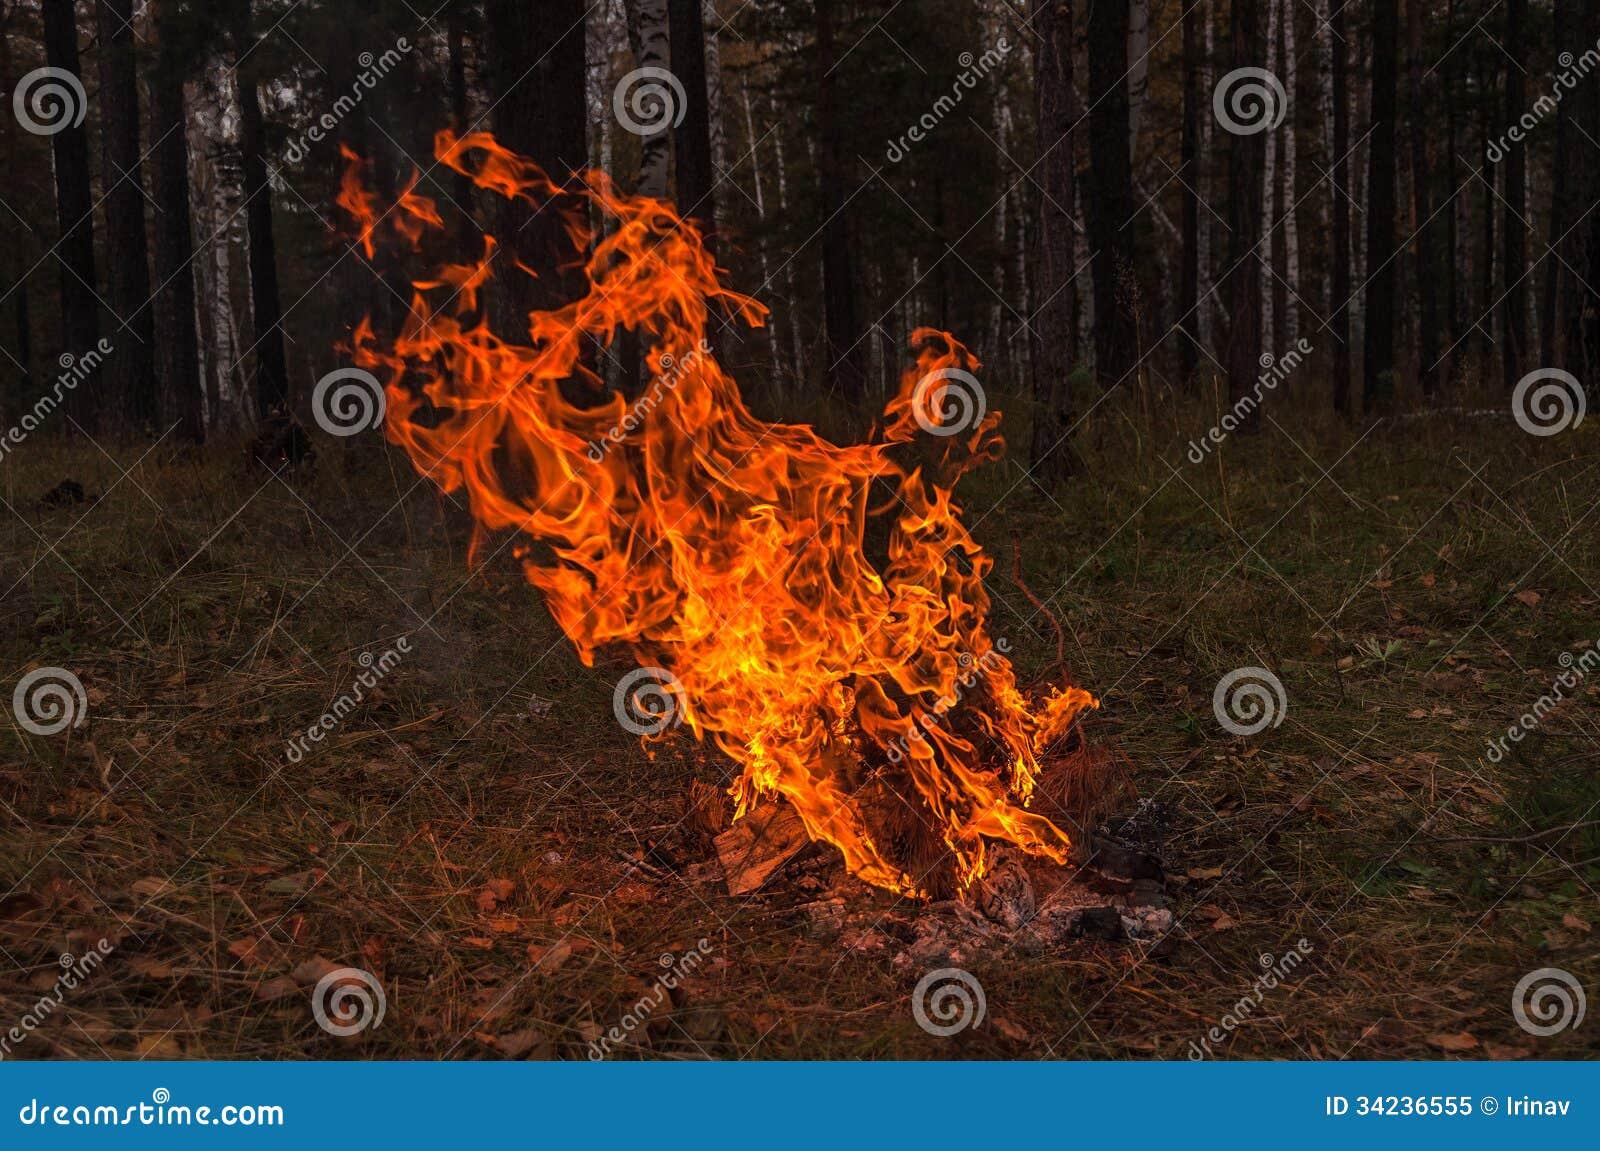 Fire flame bonfire forest autumn